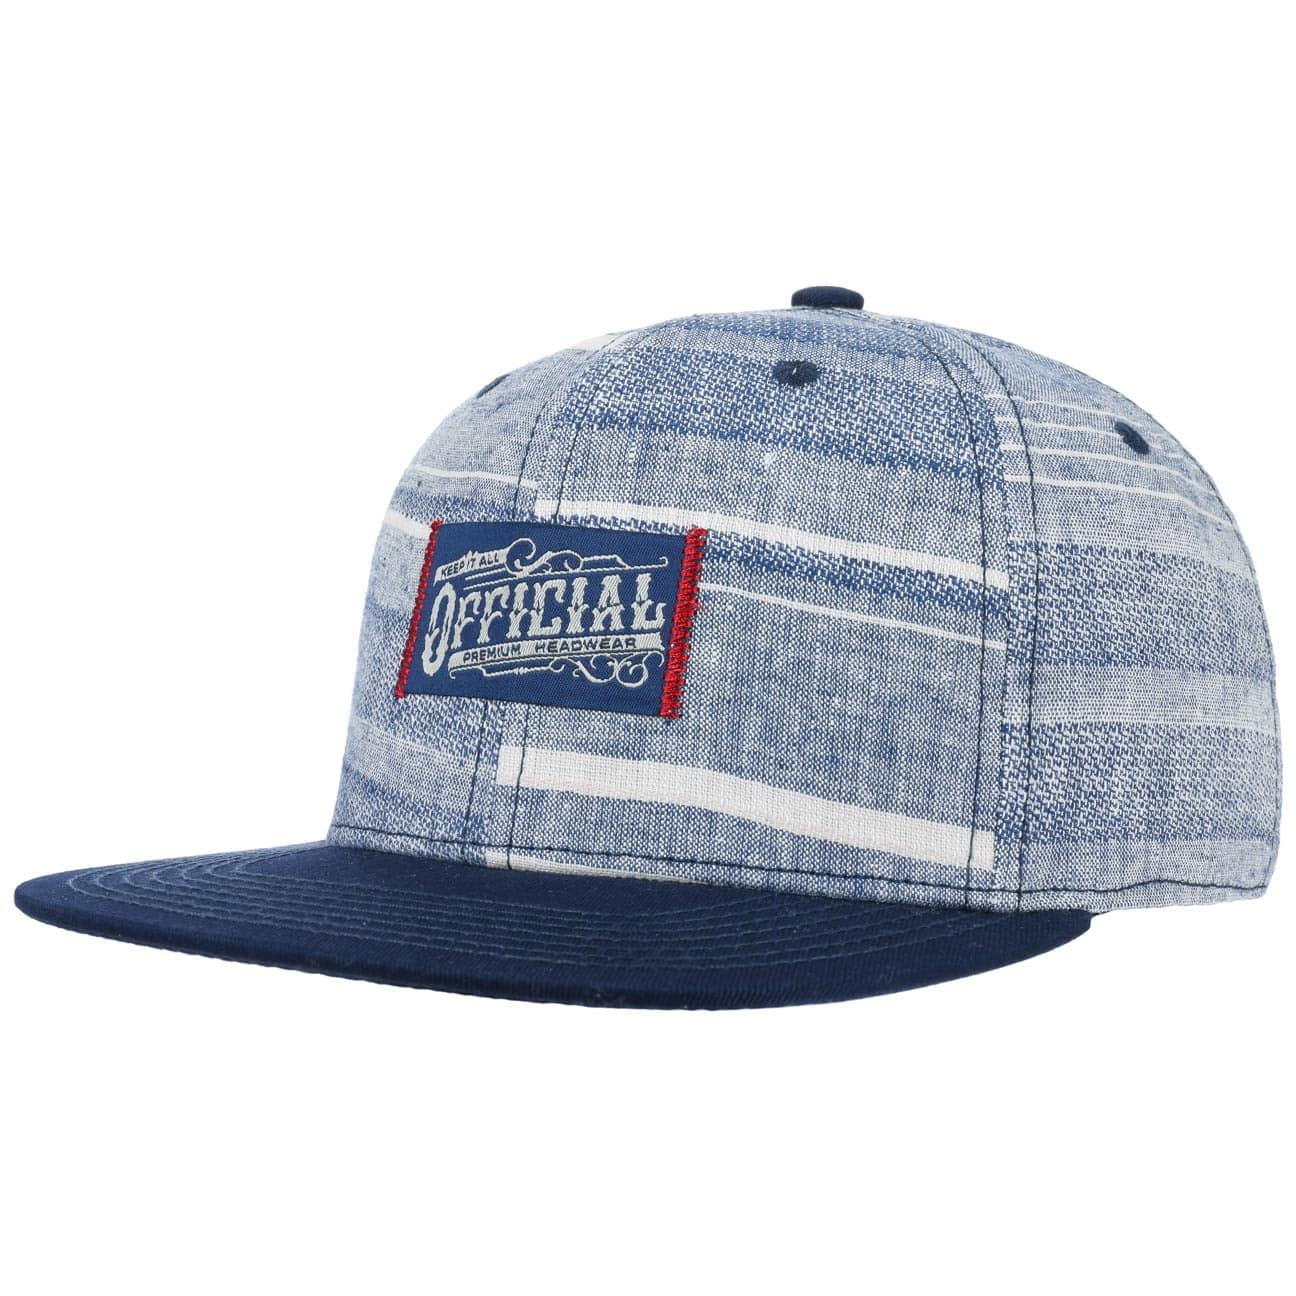 Casquette Wear All Snapback by Official Headwear  baseball cap